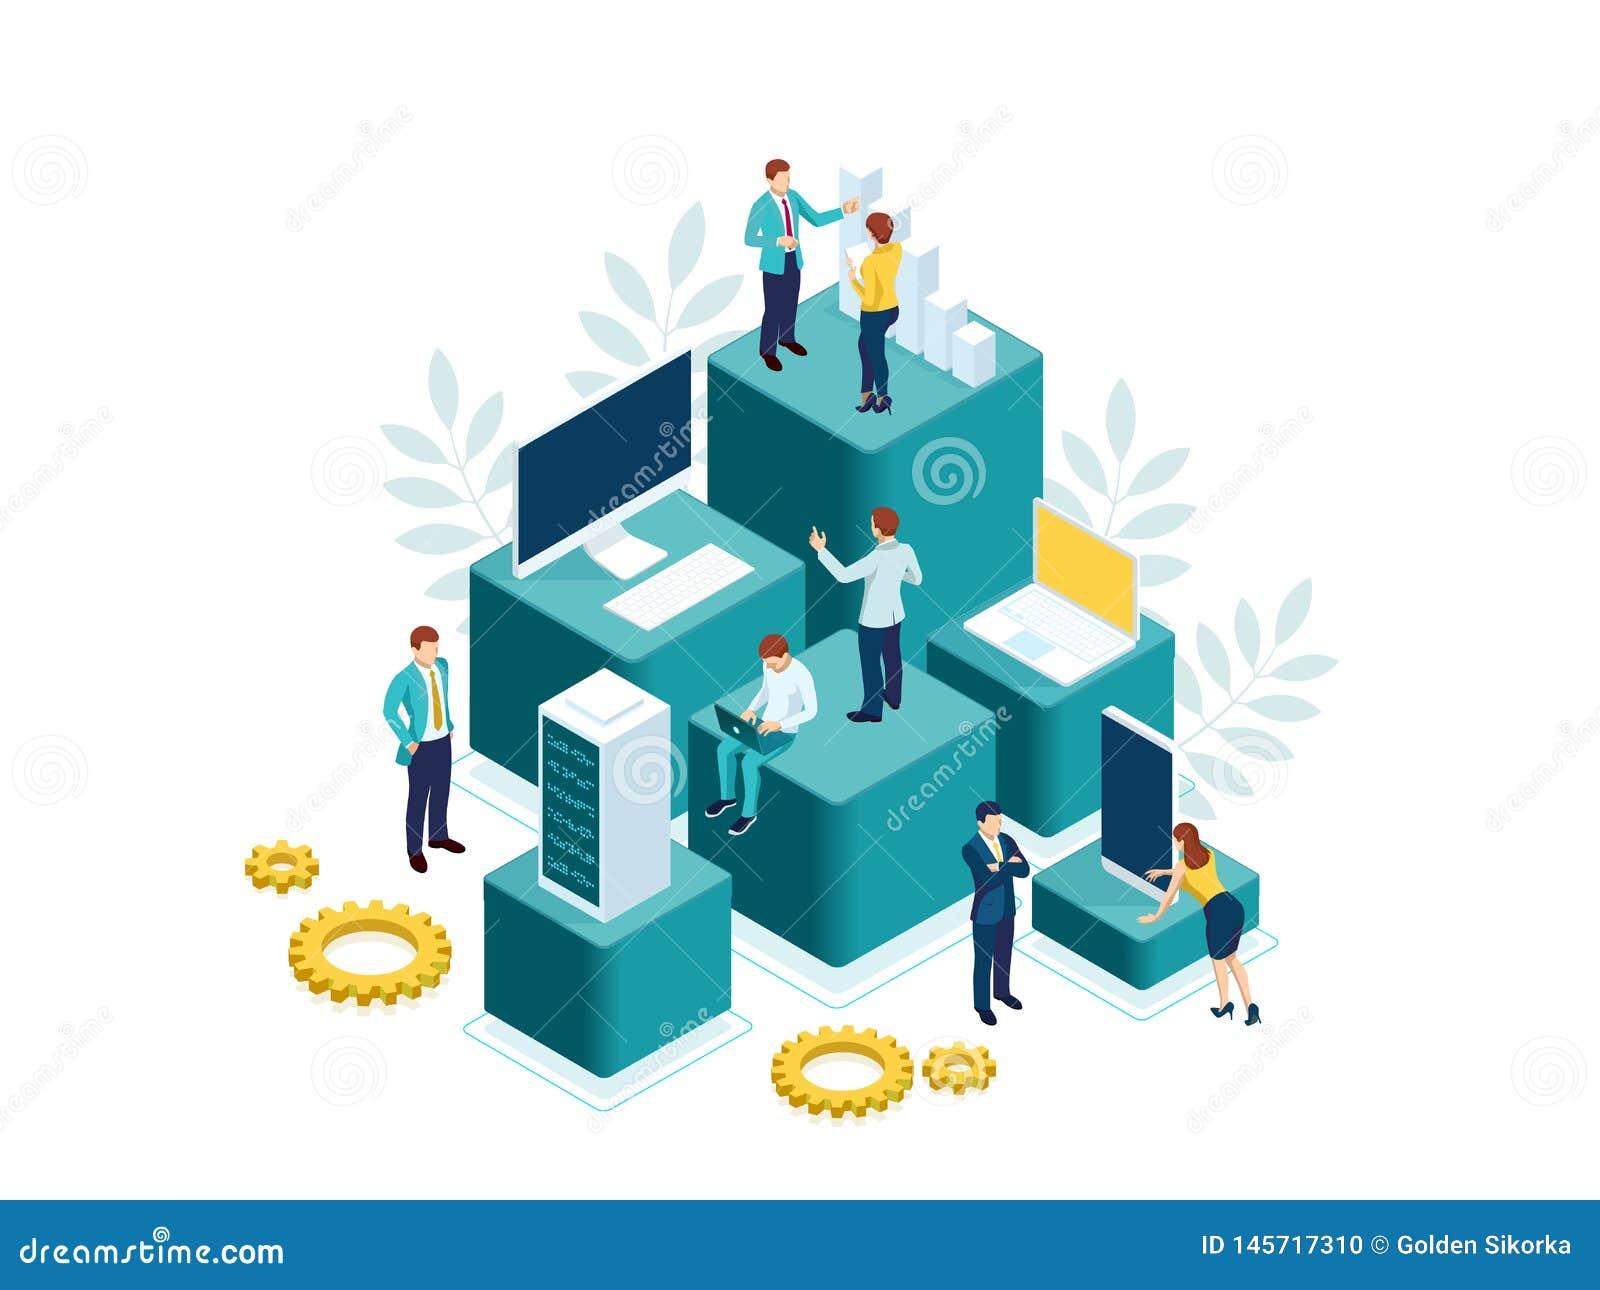 Οι Isometric άνθρωποι εργάζονται σε μια ομάδα και επιτυγχάνουν το στόχο Άνθρωποι που αλληλεπιδρούν με τα διαγράμματα και που αναλ